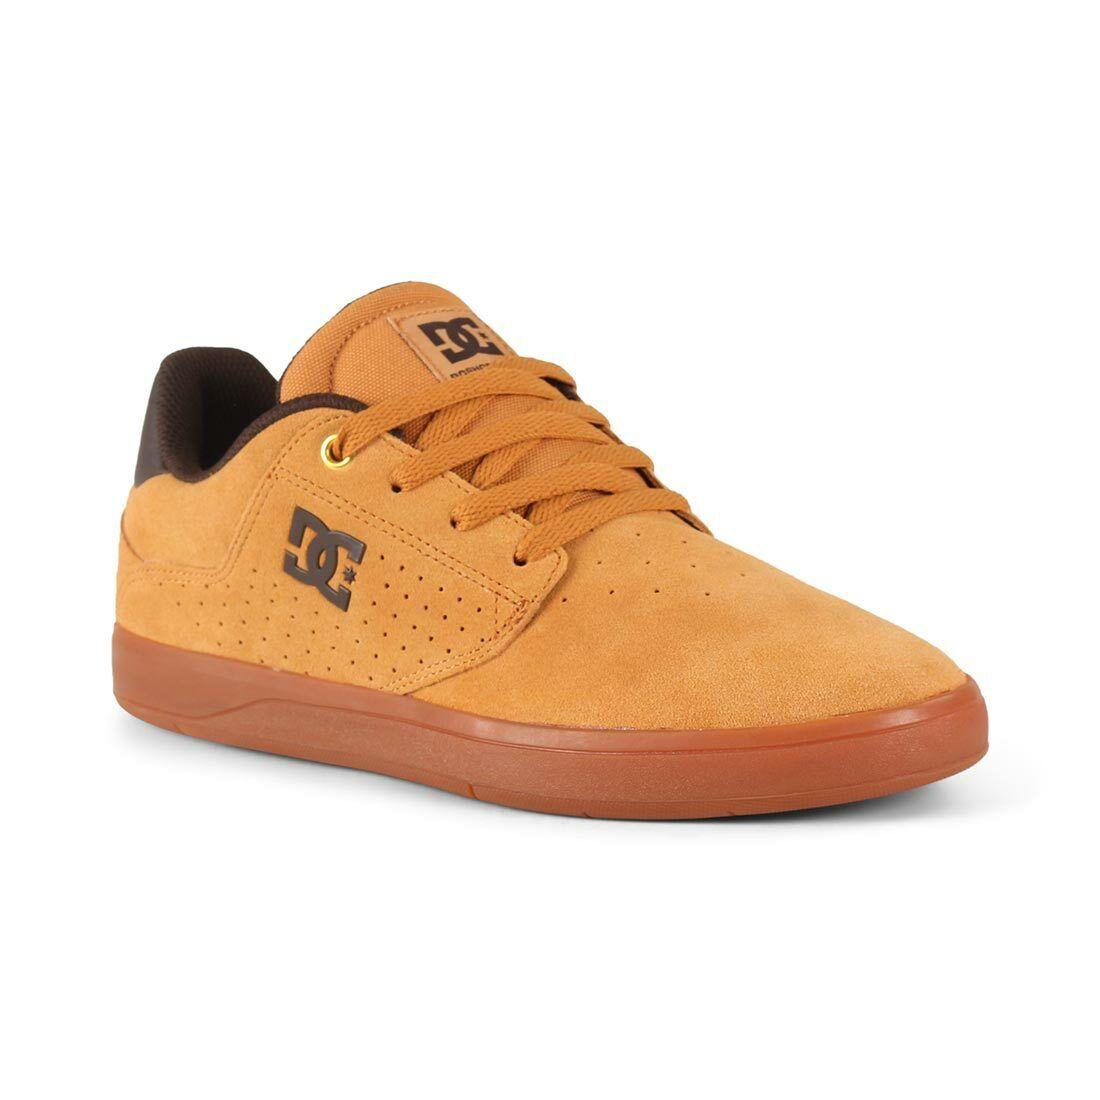 DC Plaza TC S shoes - Tan   Gum